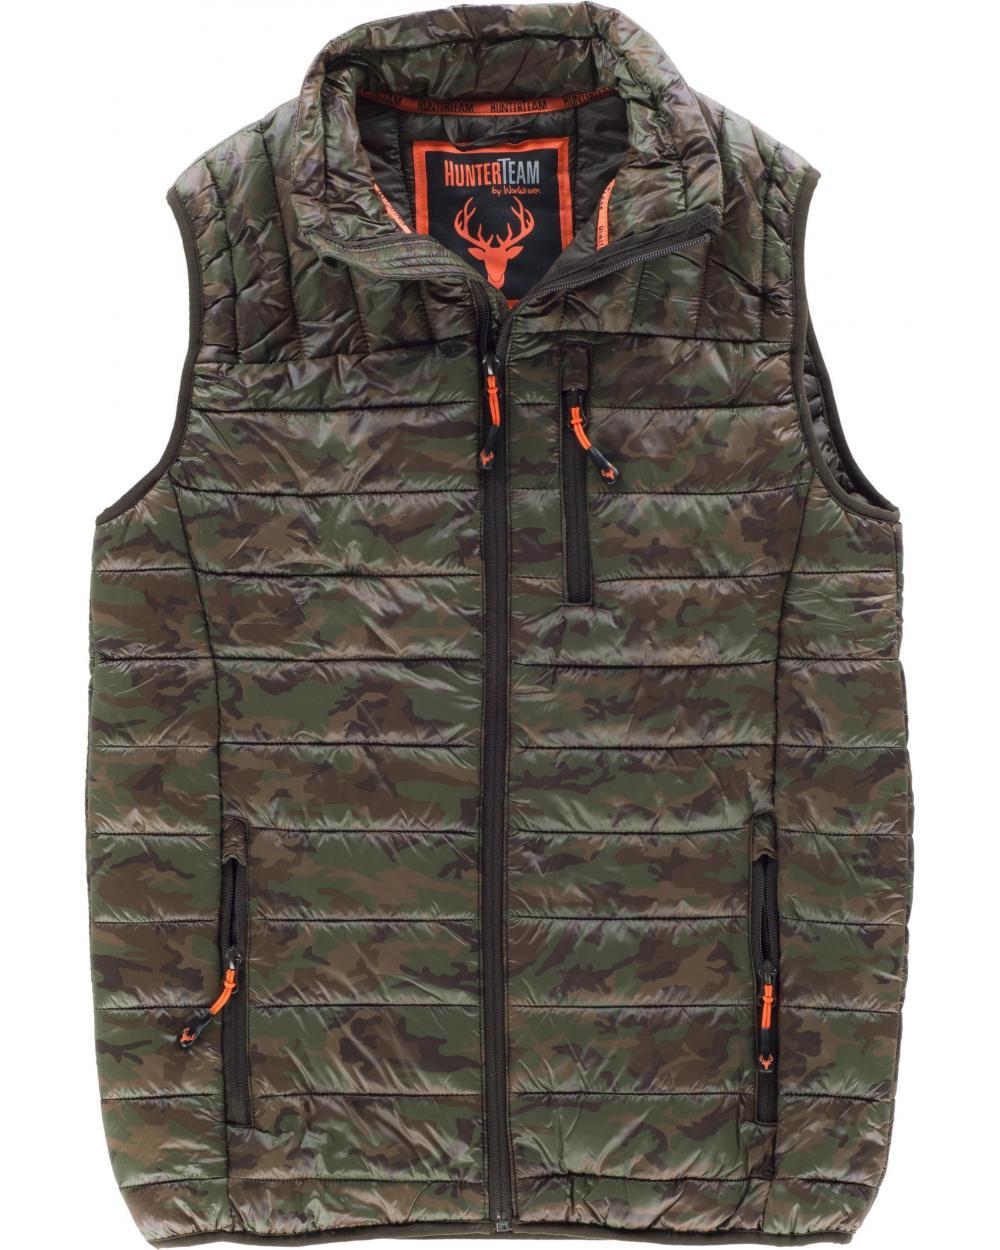 Comprar Chaleco acolchado de camuflaje S8540 Camuflage Marron online bataro delante